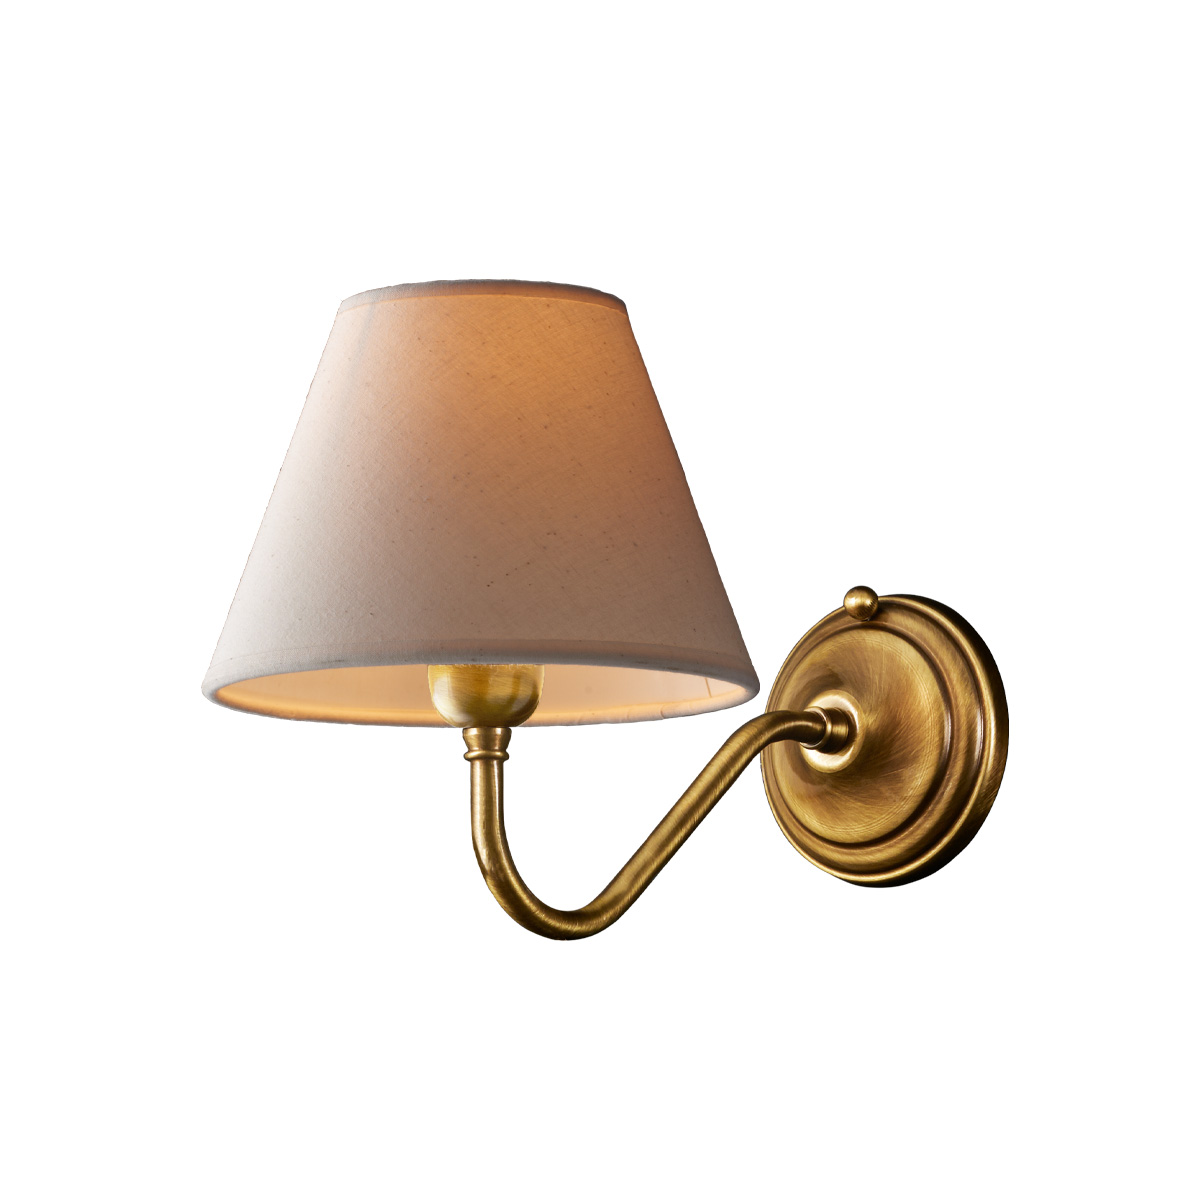 Φωτιστικό τοίχου με καπέλο ΓΥΘΕΙΟ classic wall lamp with shade